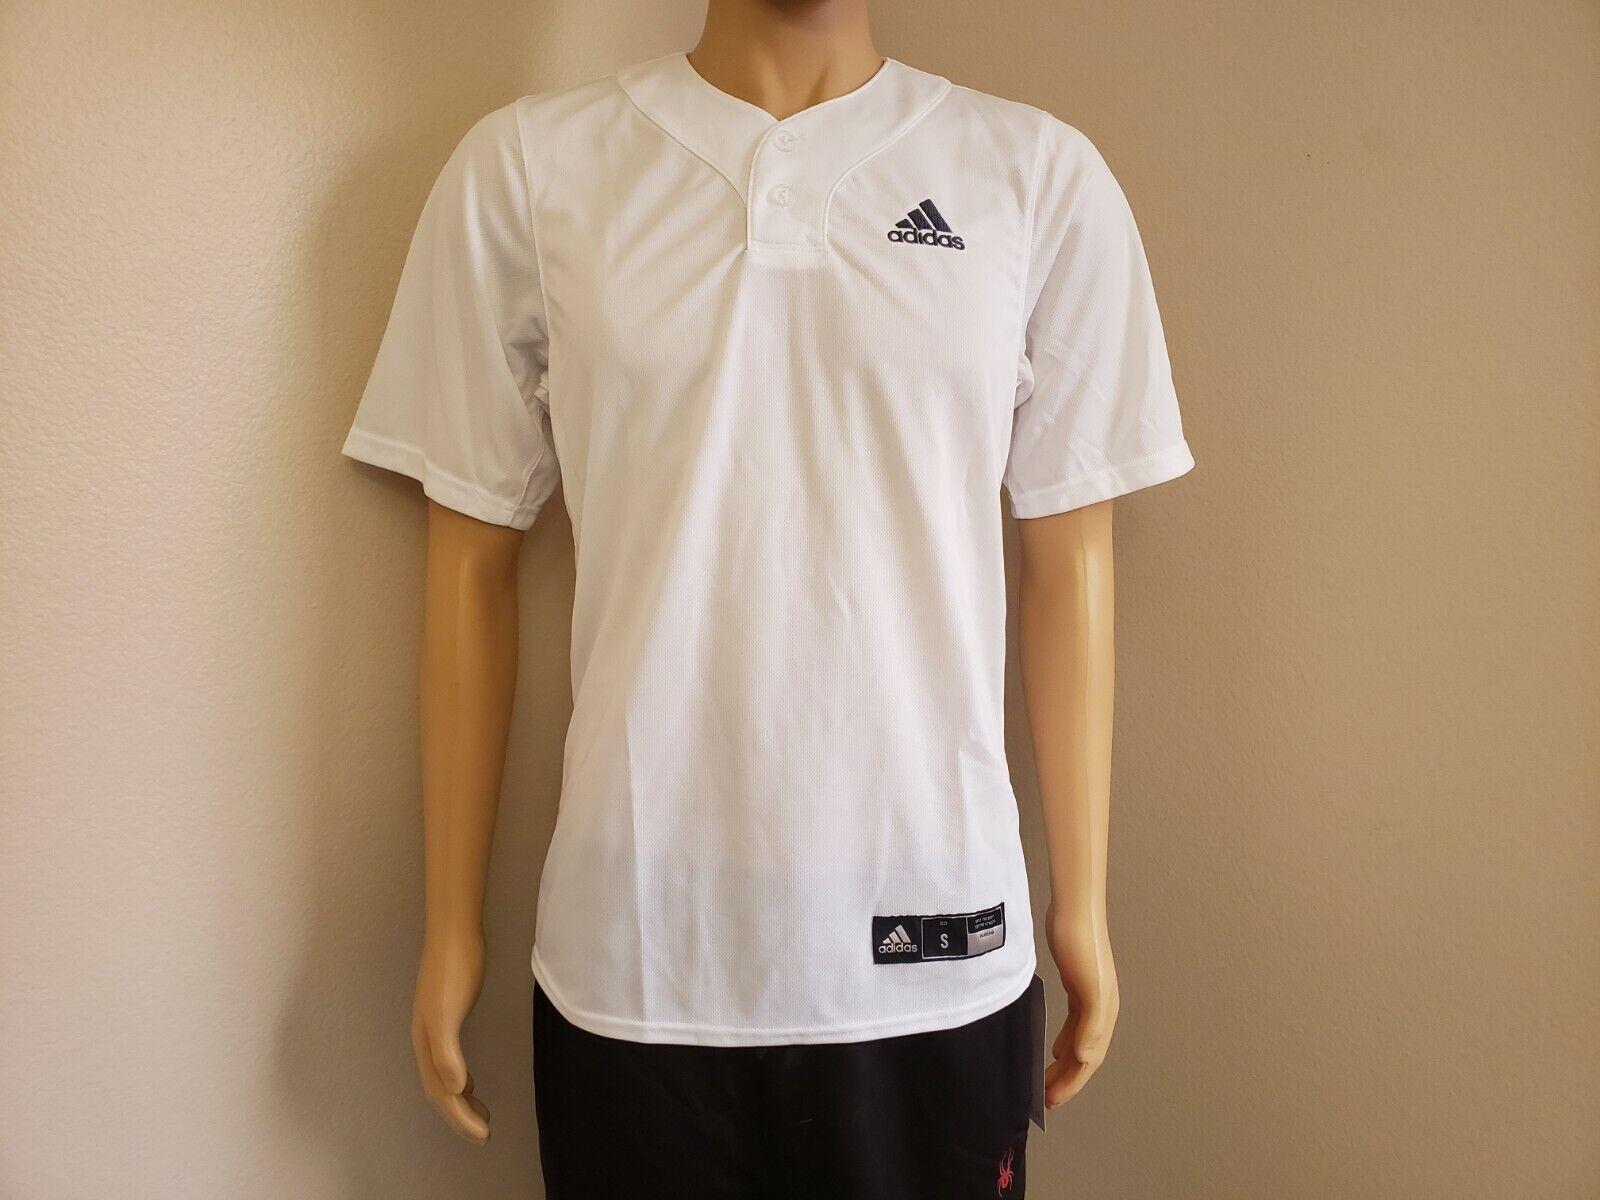 Adidas Diamond King Elite Full Button Jersey White / Onix CY2101 ...